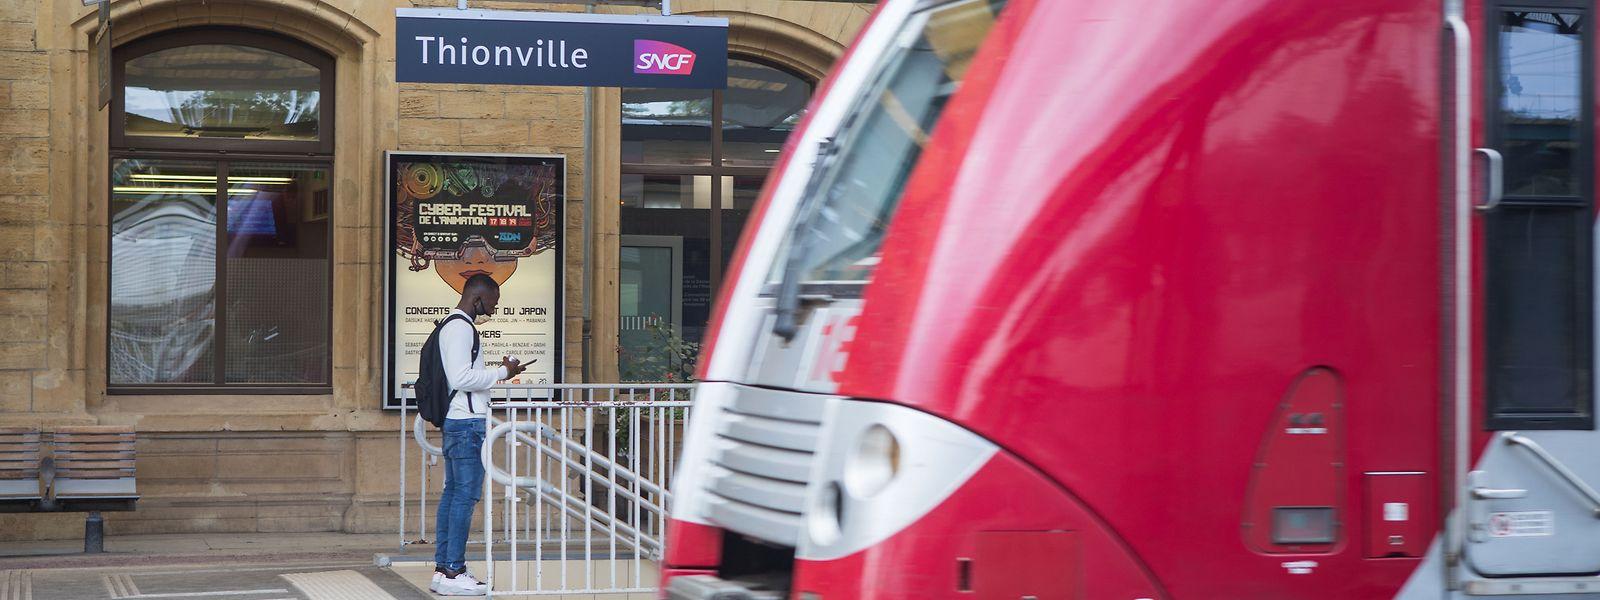 Comme au Luxembourg, les experts lorrains plaident pour que les gares servent de référence pour desservir la Lorraine, en complément d'autres modes de transport.